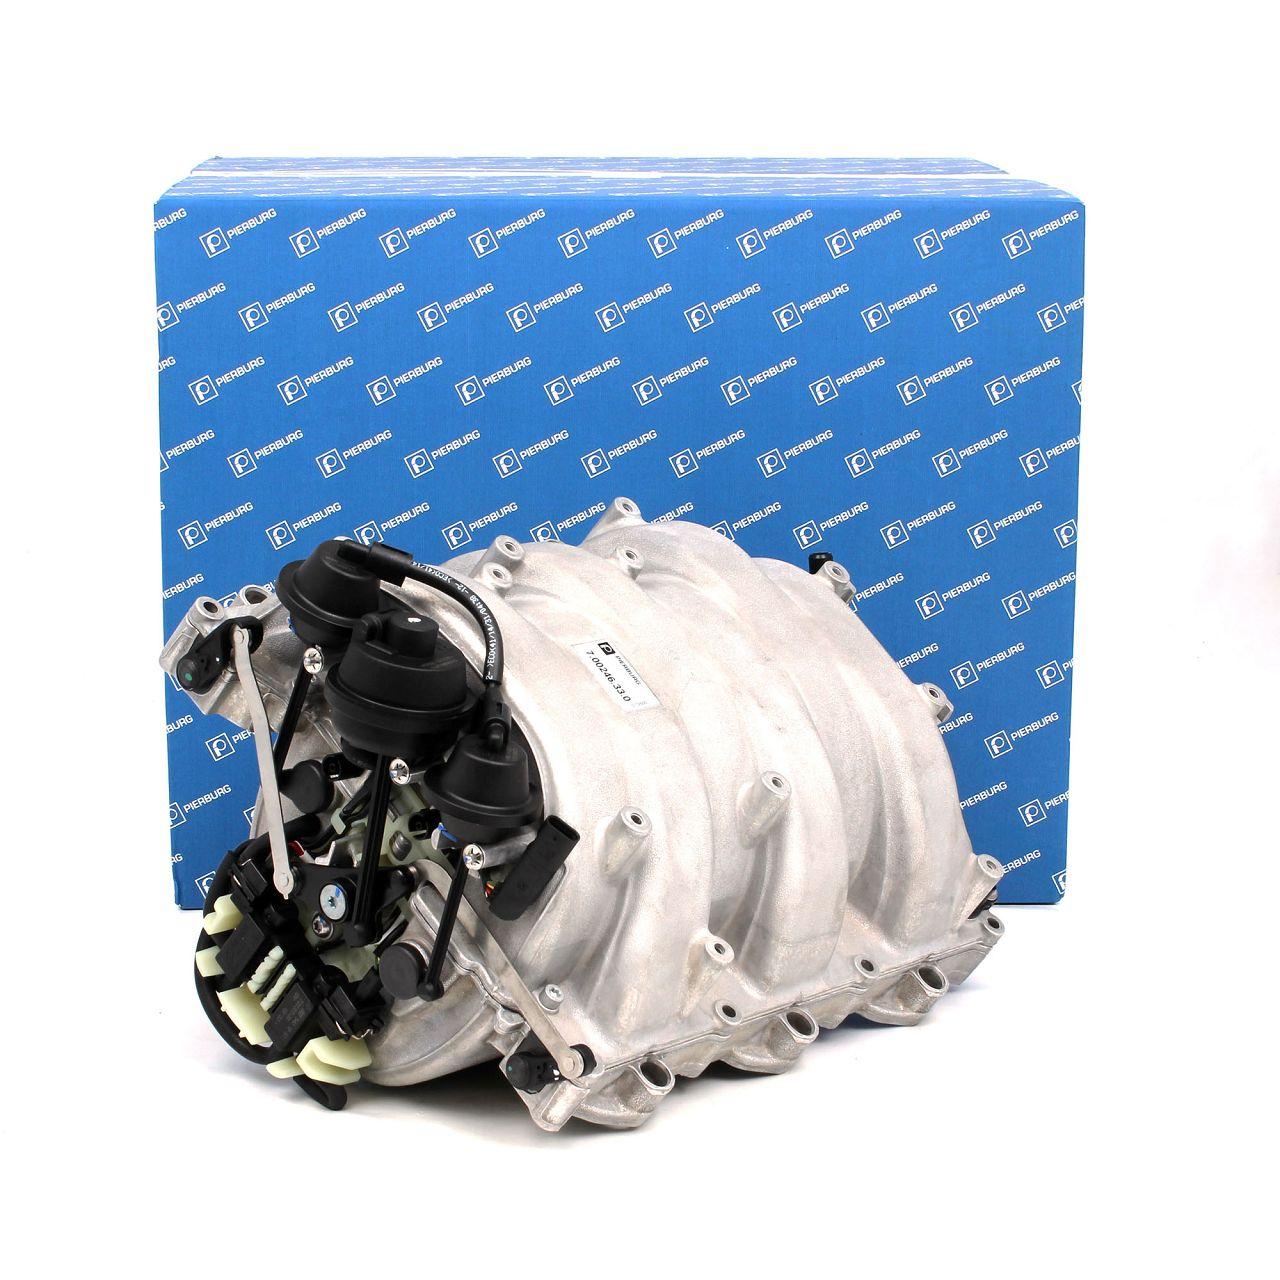 PIERBURG Ansaugkrümmer Saugrohrmodul Saugrohr für MERCEDES-BENZ 230-350 V6 M272